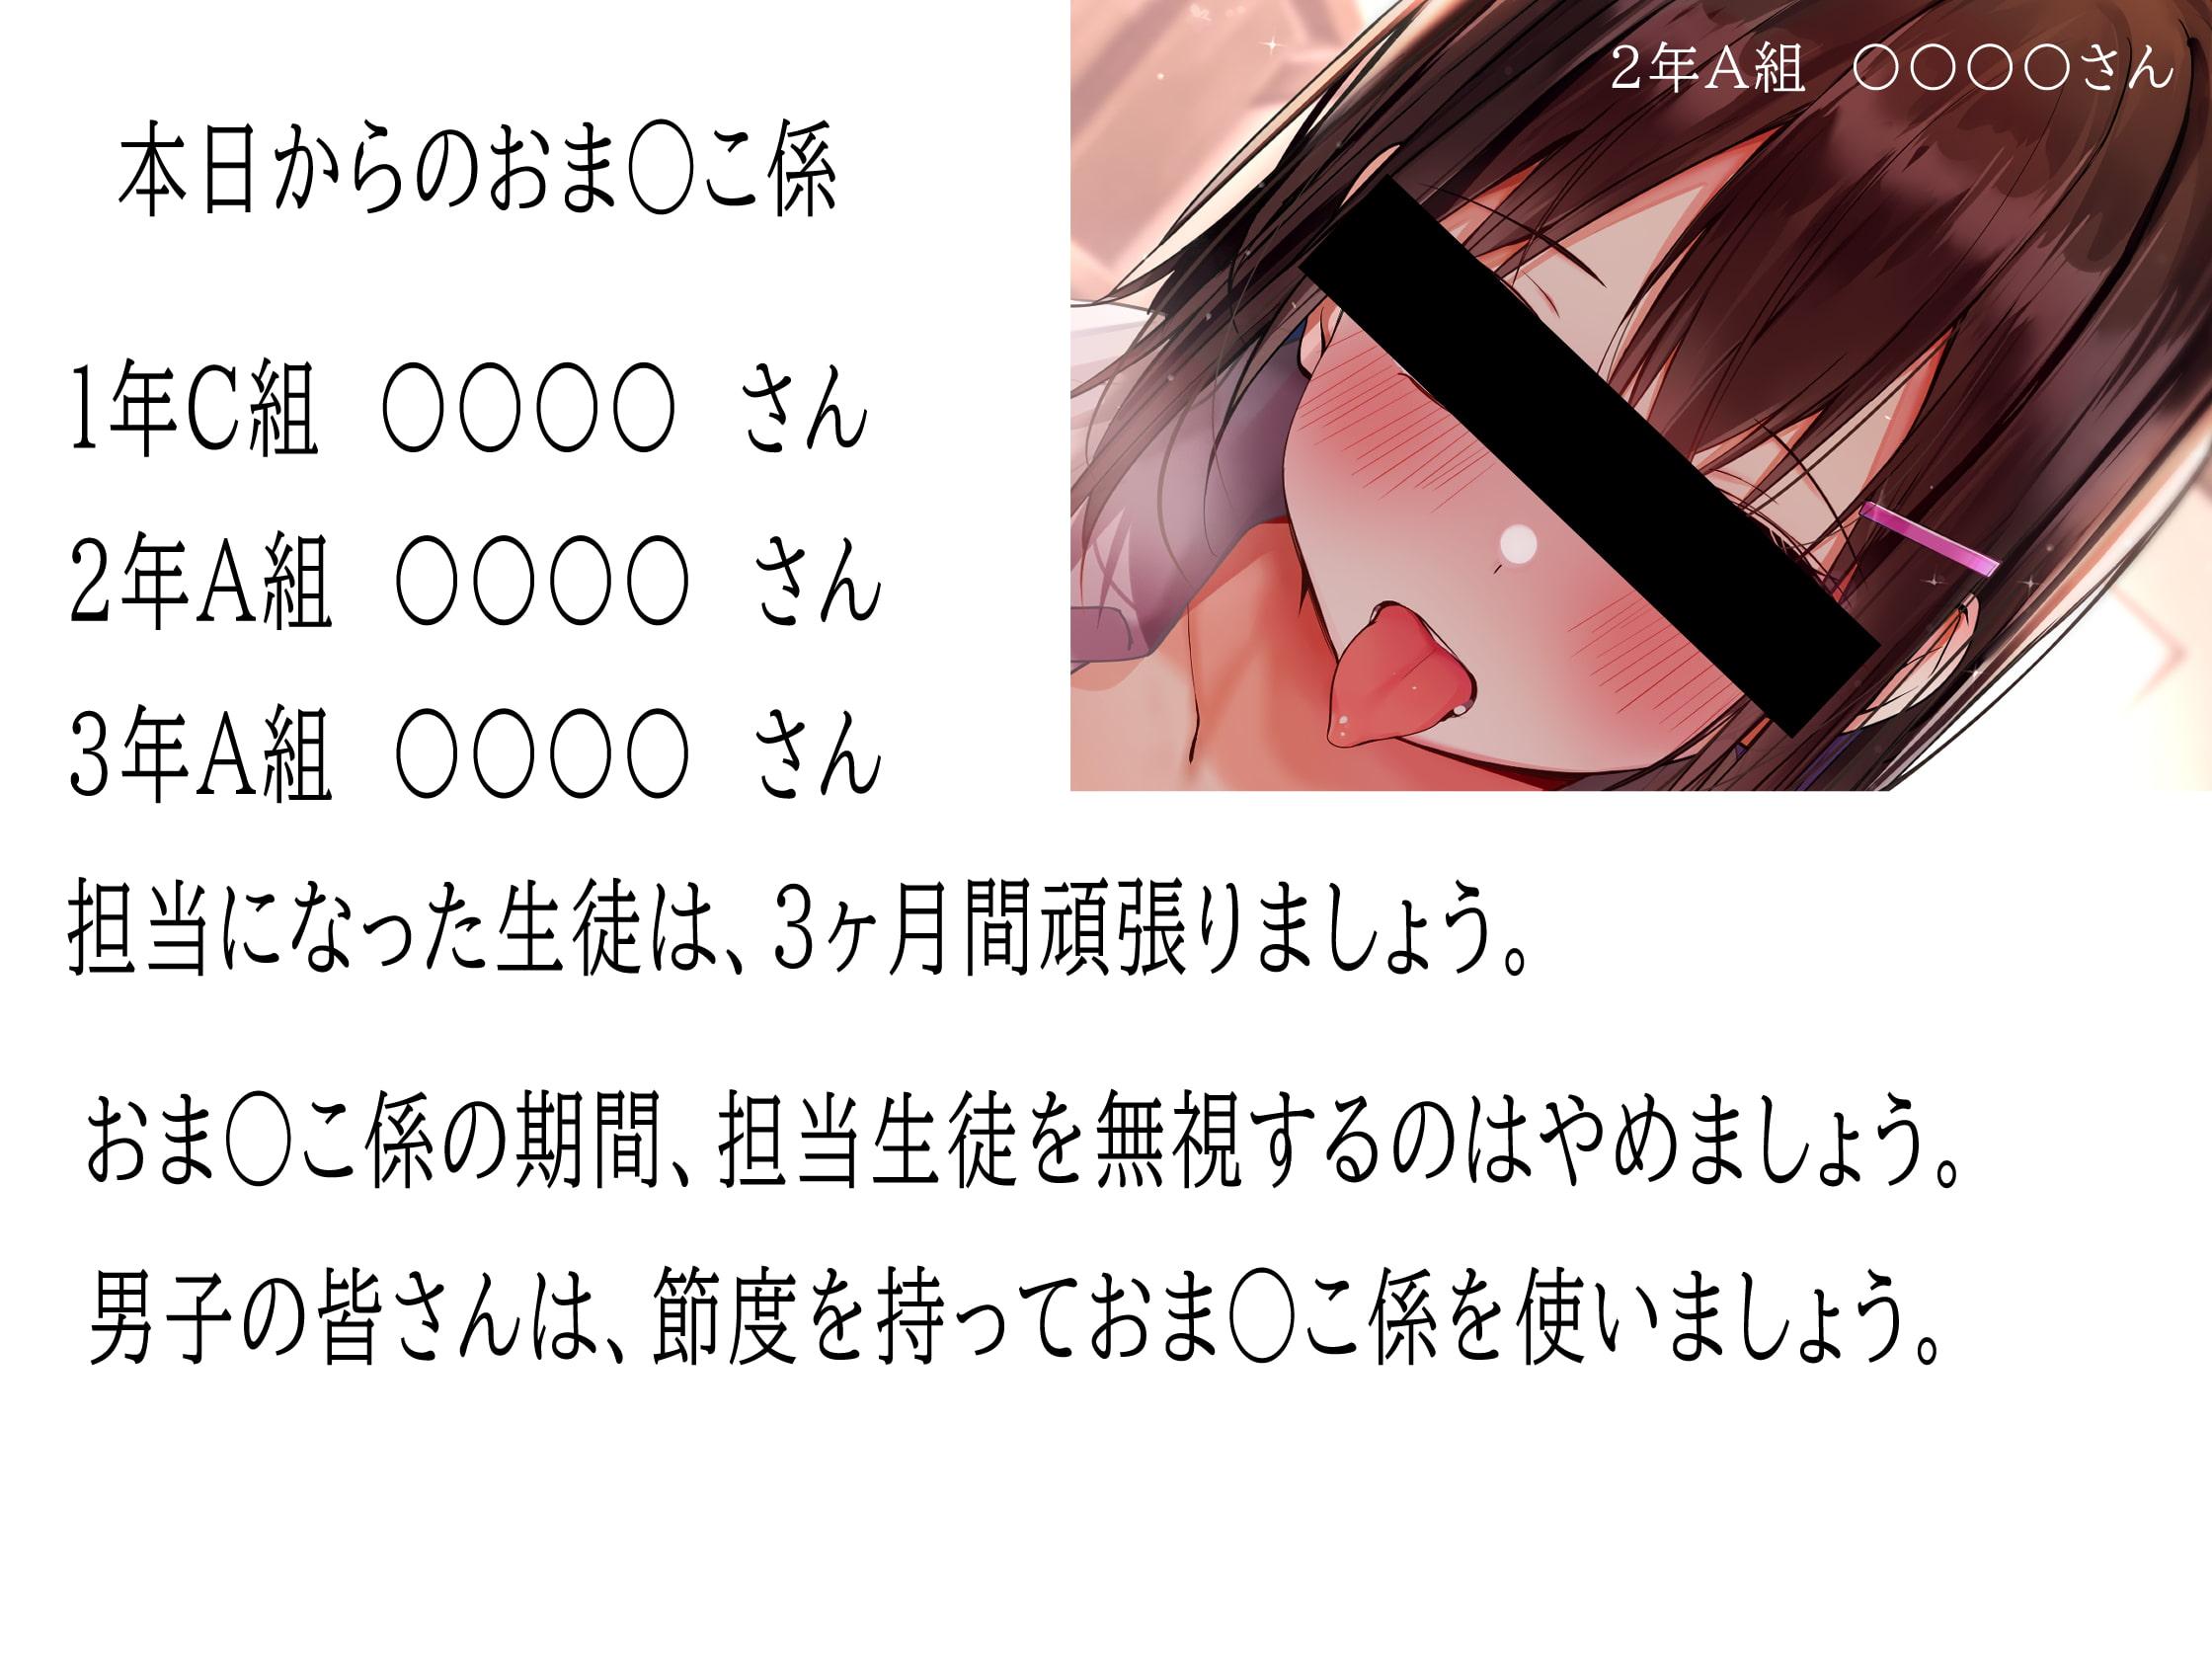 リアルおま○こ係 [甘幸冬水]